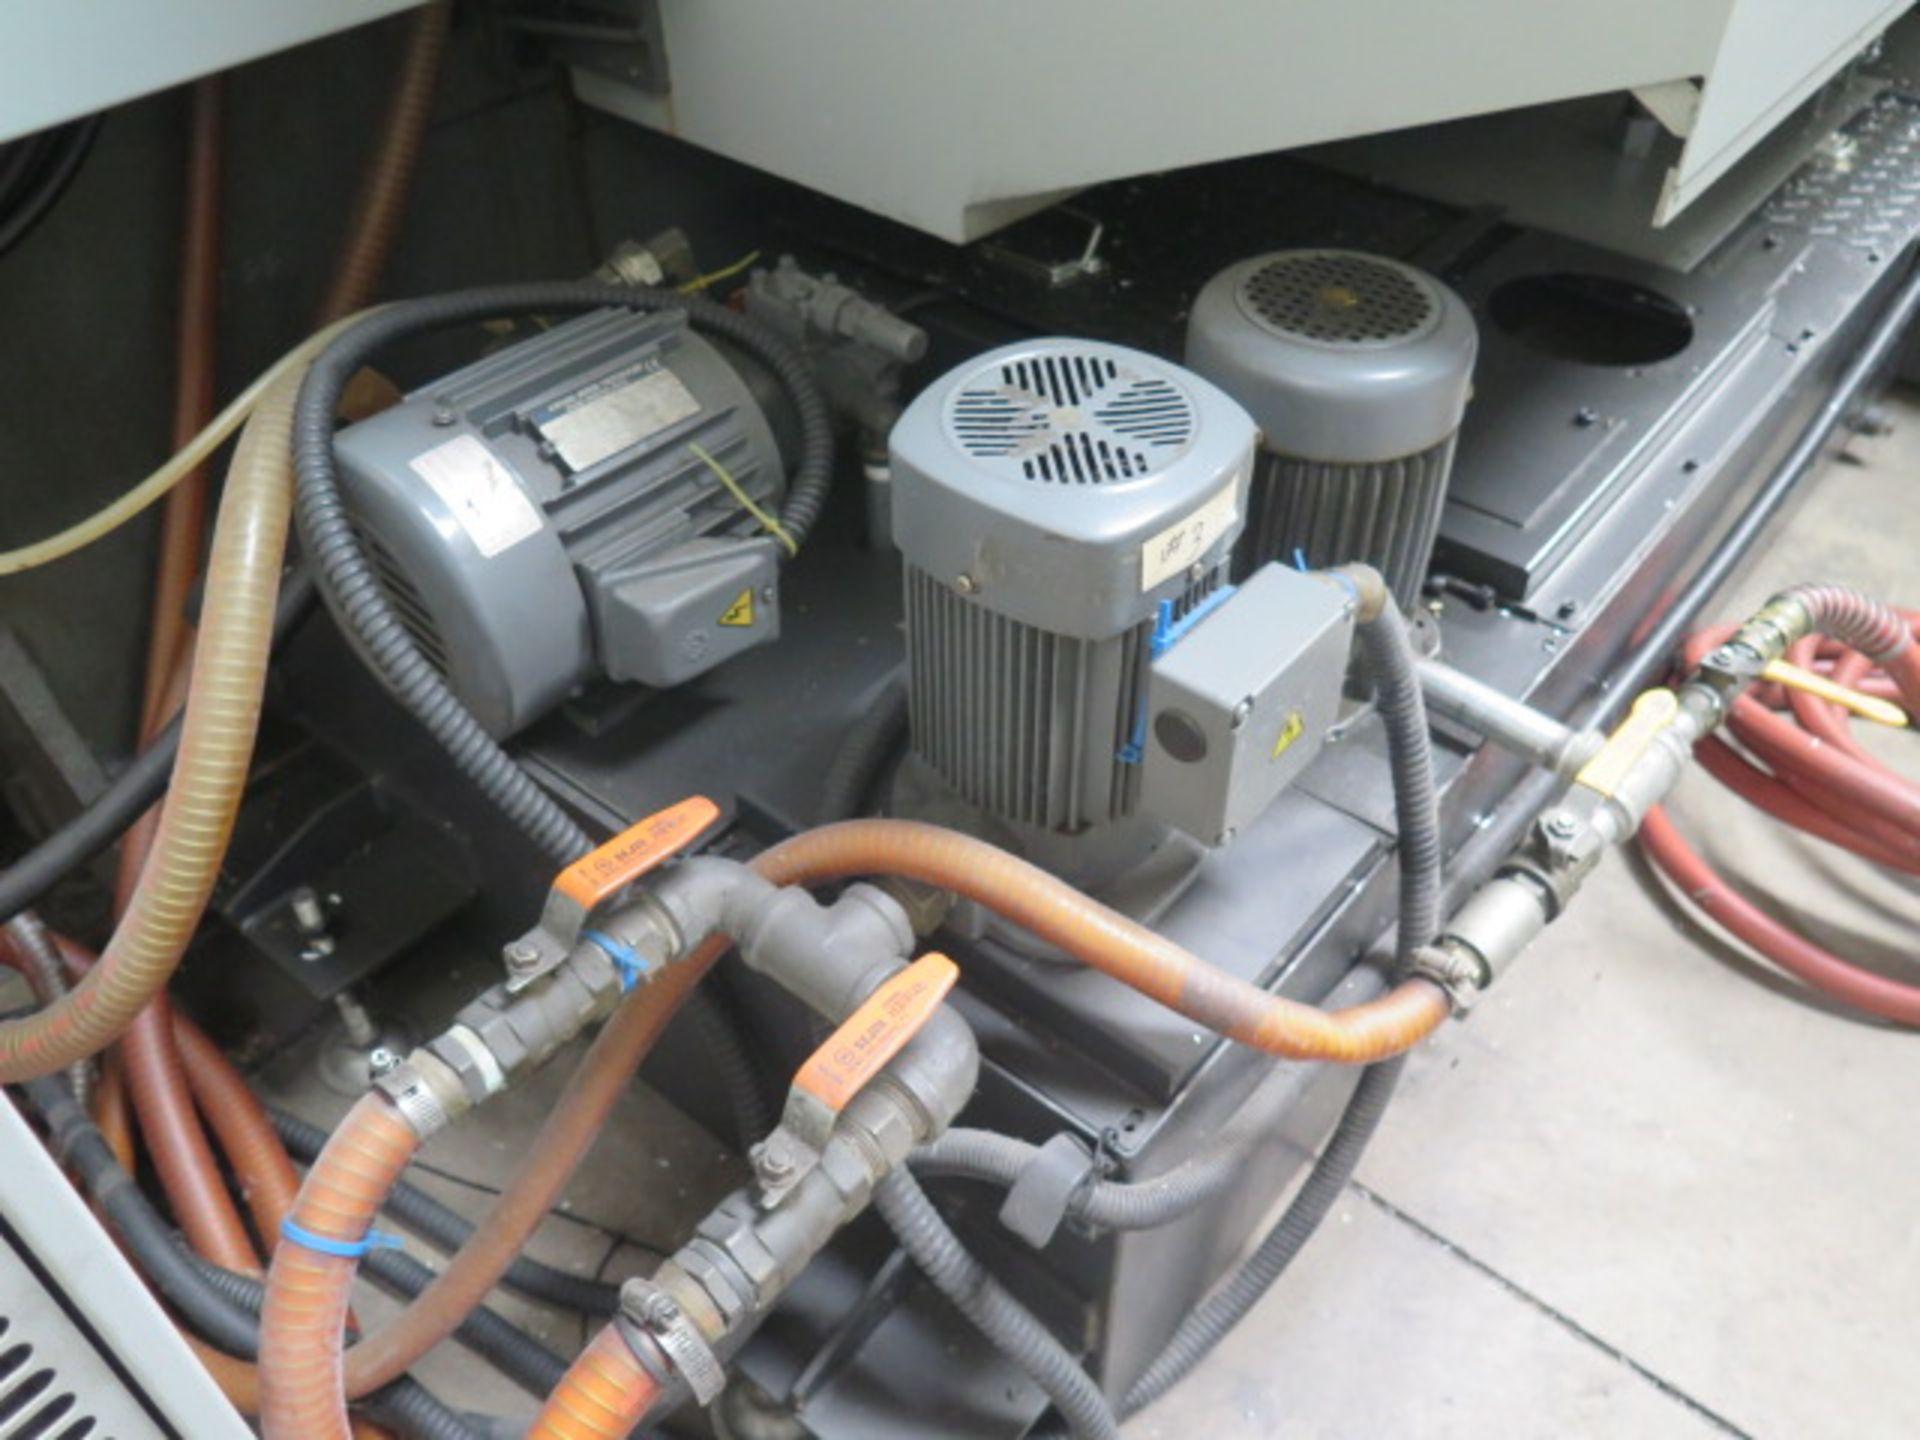 2004 Hyundai WIA VX500 4-Axis CNC VMC s/n VX5000882 w/ Hyundai WIA Fanuc i- Series, SOLD AS IS - Image 21 of 23